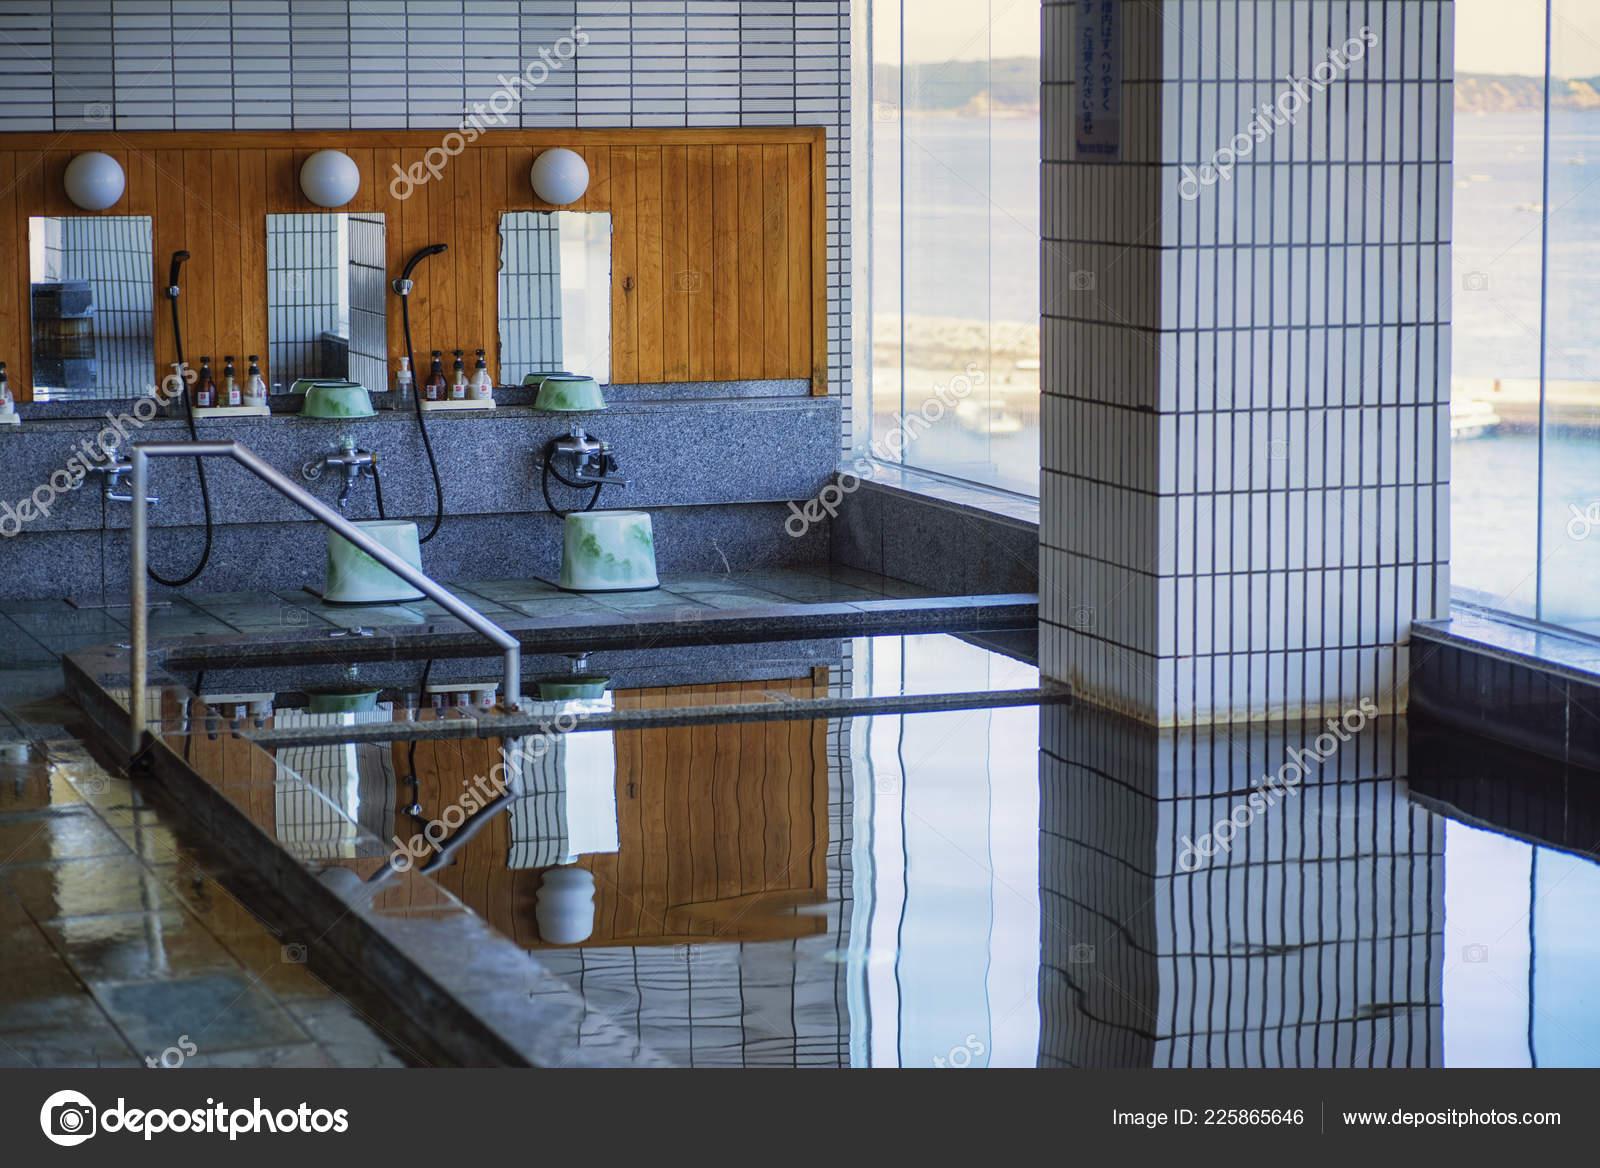 Vasca Da Bagno Giapponese : Stile giapponese bagni vasca bagno giapponese vasca bagno